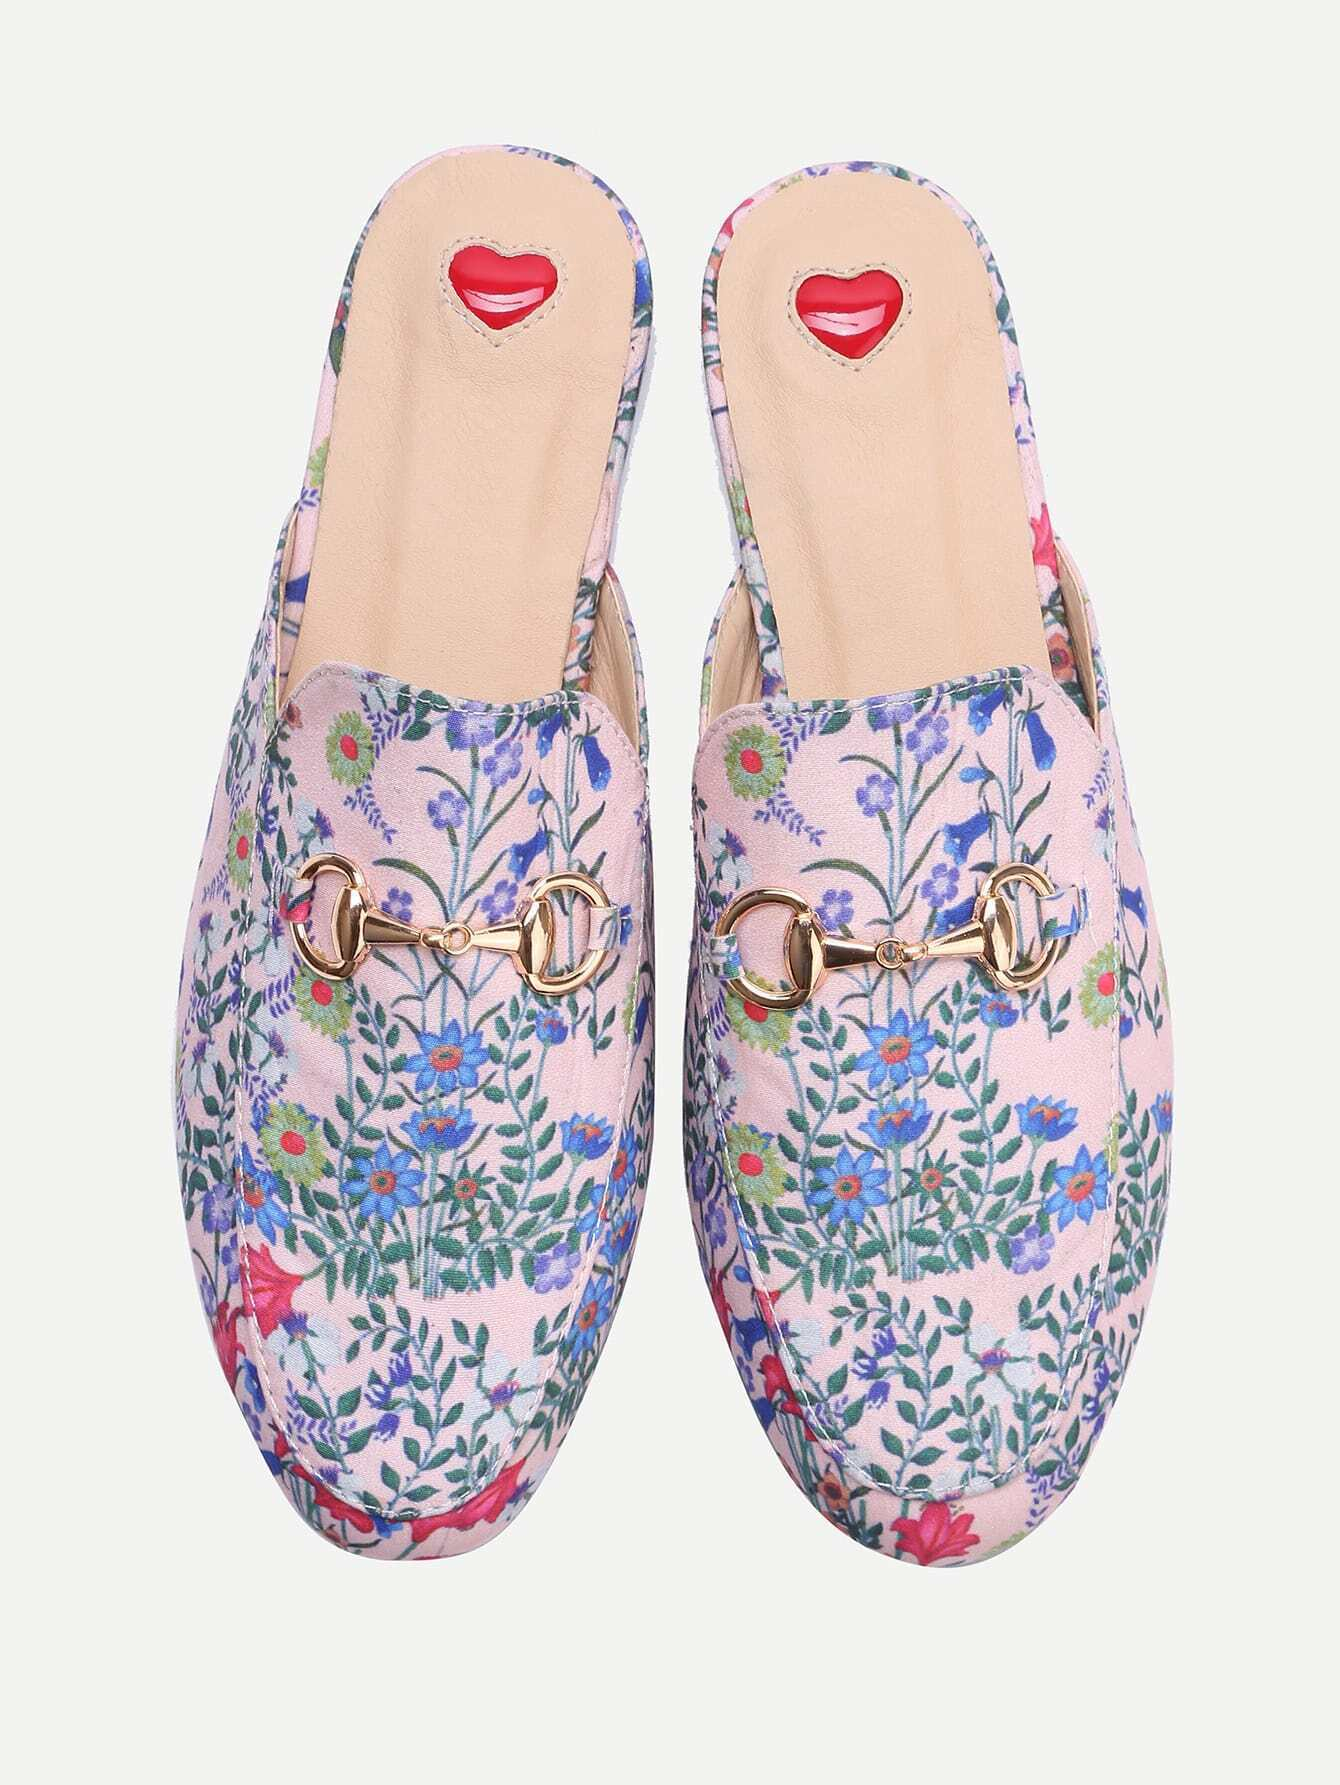 shoes170307811_2